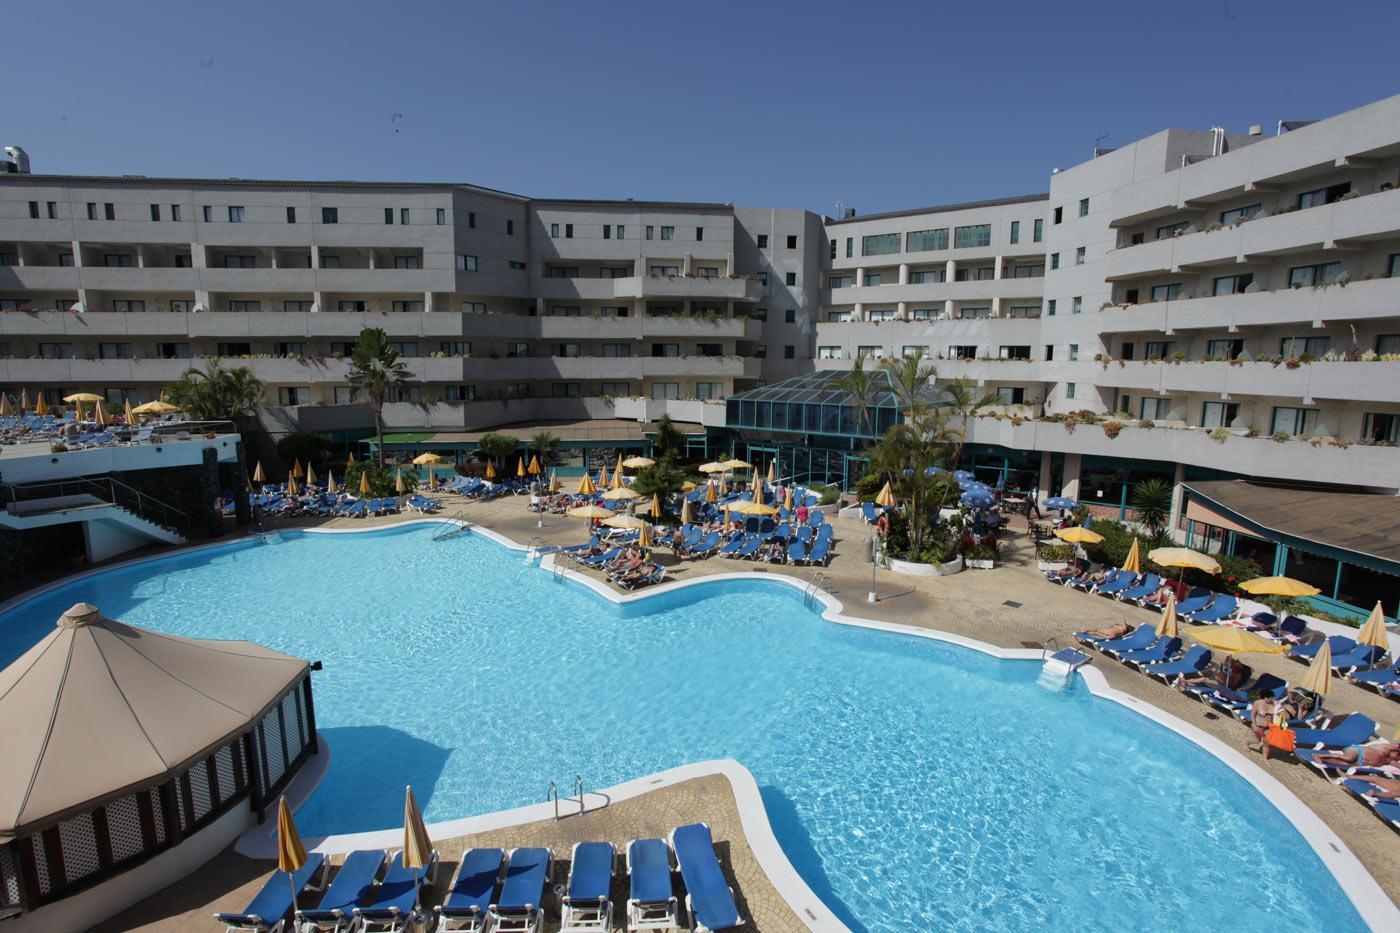 Hotel gran hotel turquesa en puerto de la cruz viajes - Hoteles en puerto de la cruz baratos ...